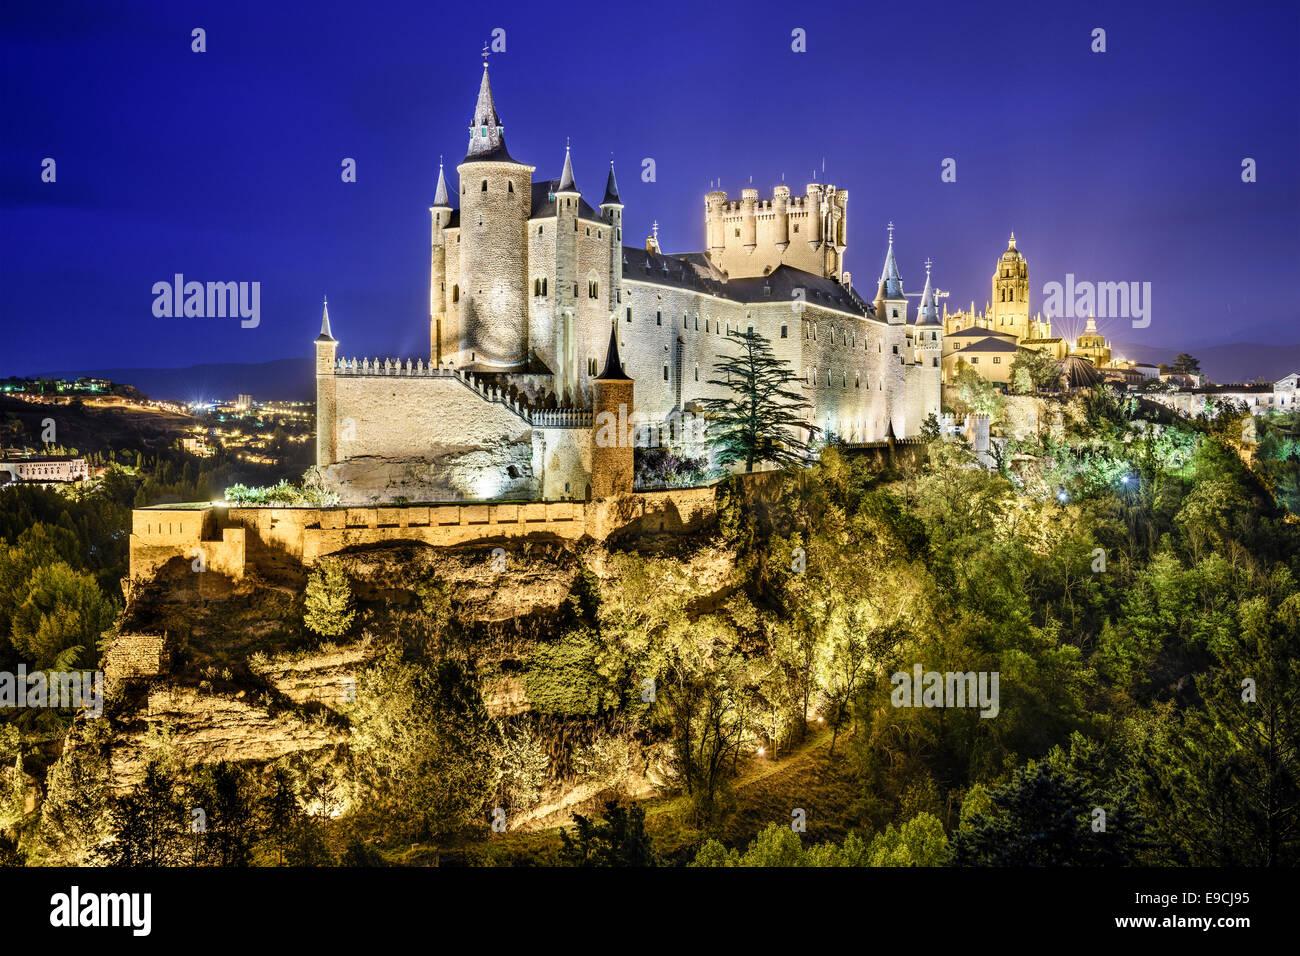 Segovia, Spanien Stadt Skyline mit dem Alcazar in der Nacht. Stockbild